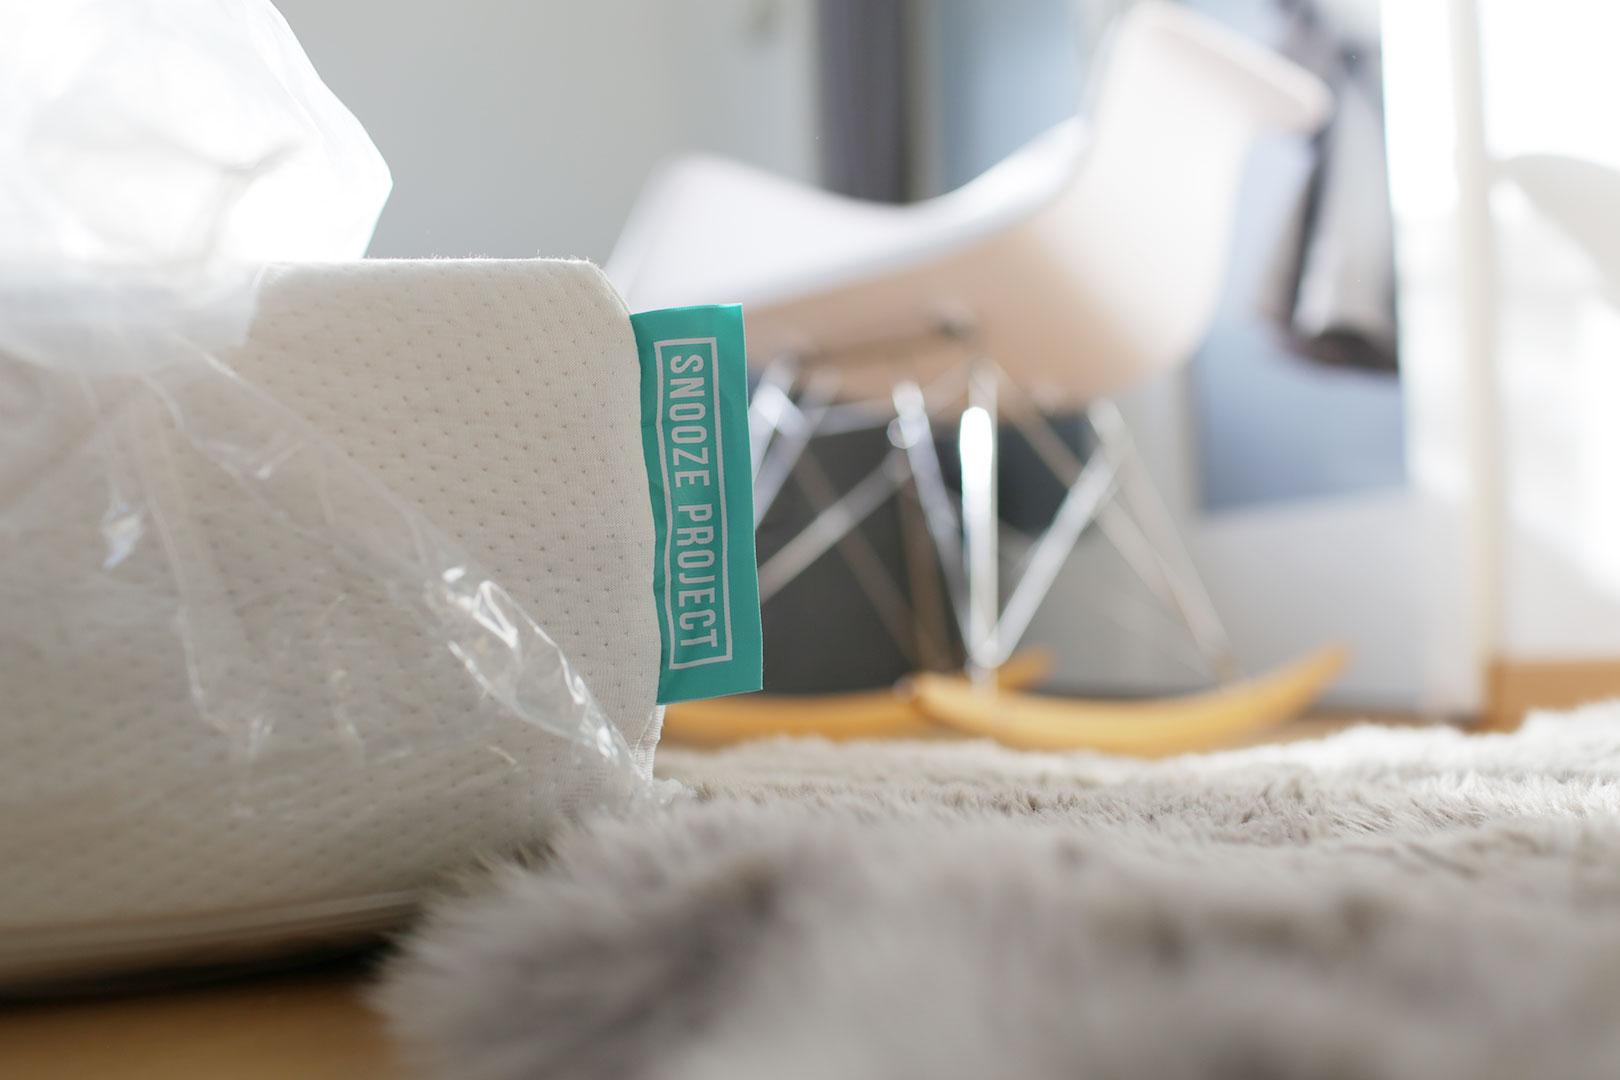 Gemütlich Napflixen mit den Komfortmatratzen von Snooze Project